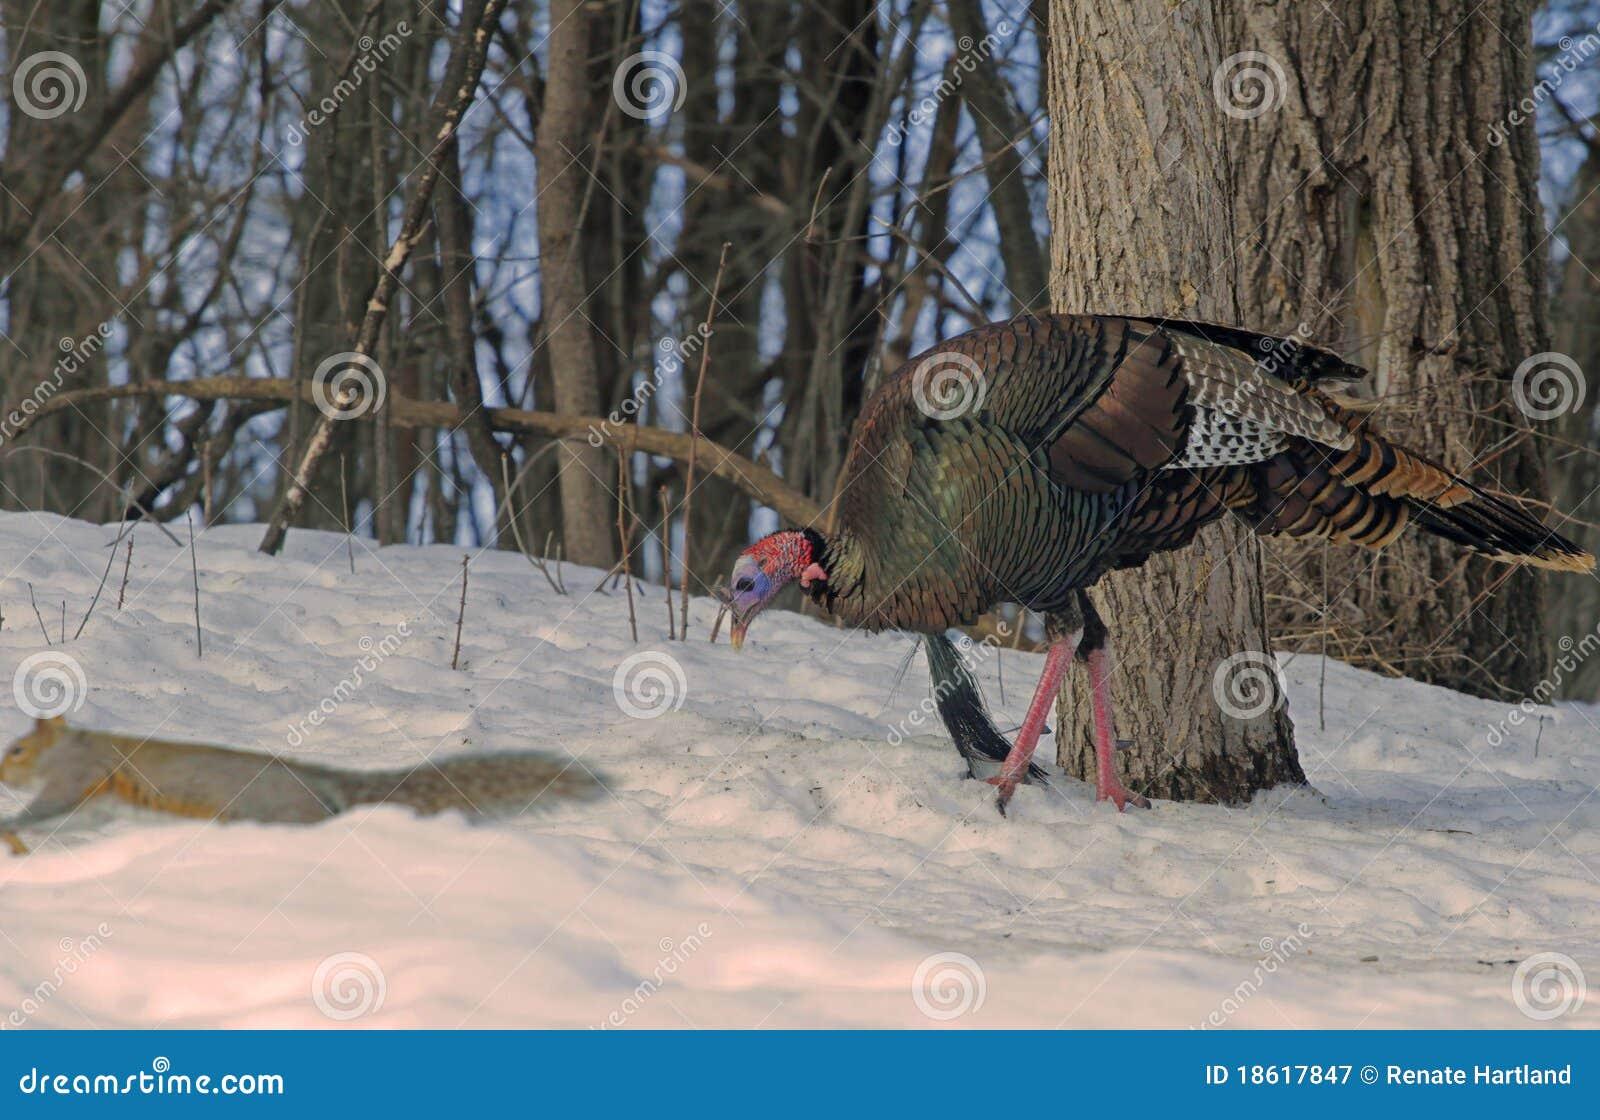 Die wilde Türkei